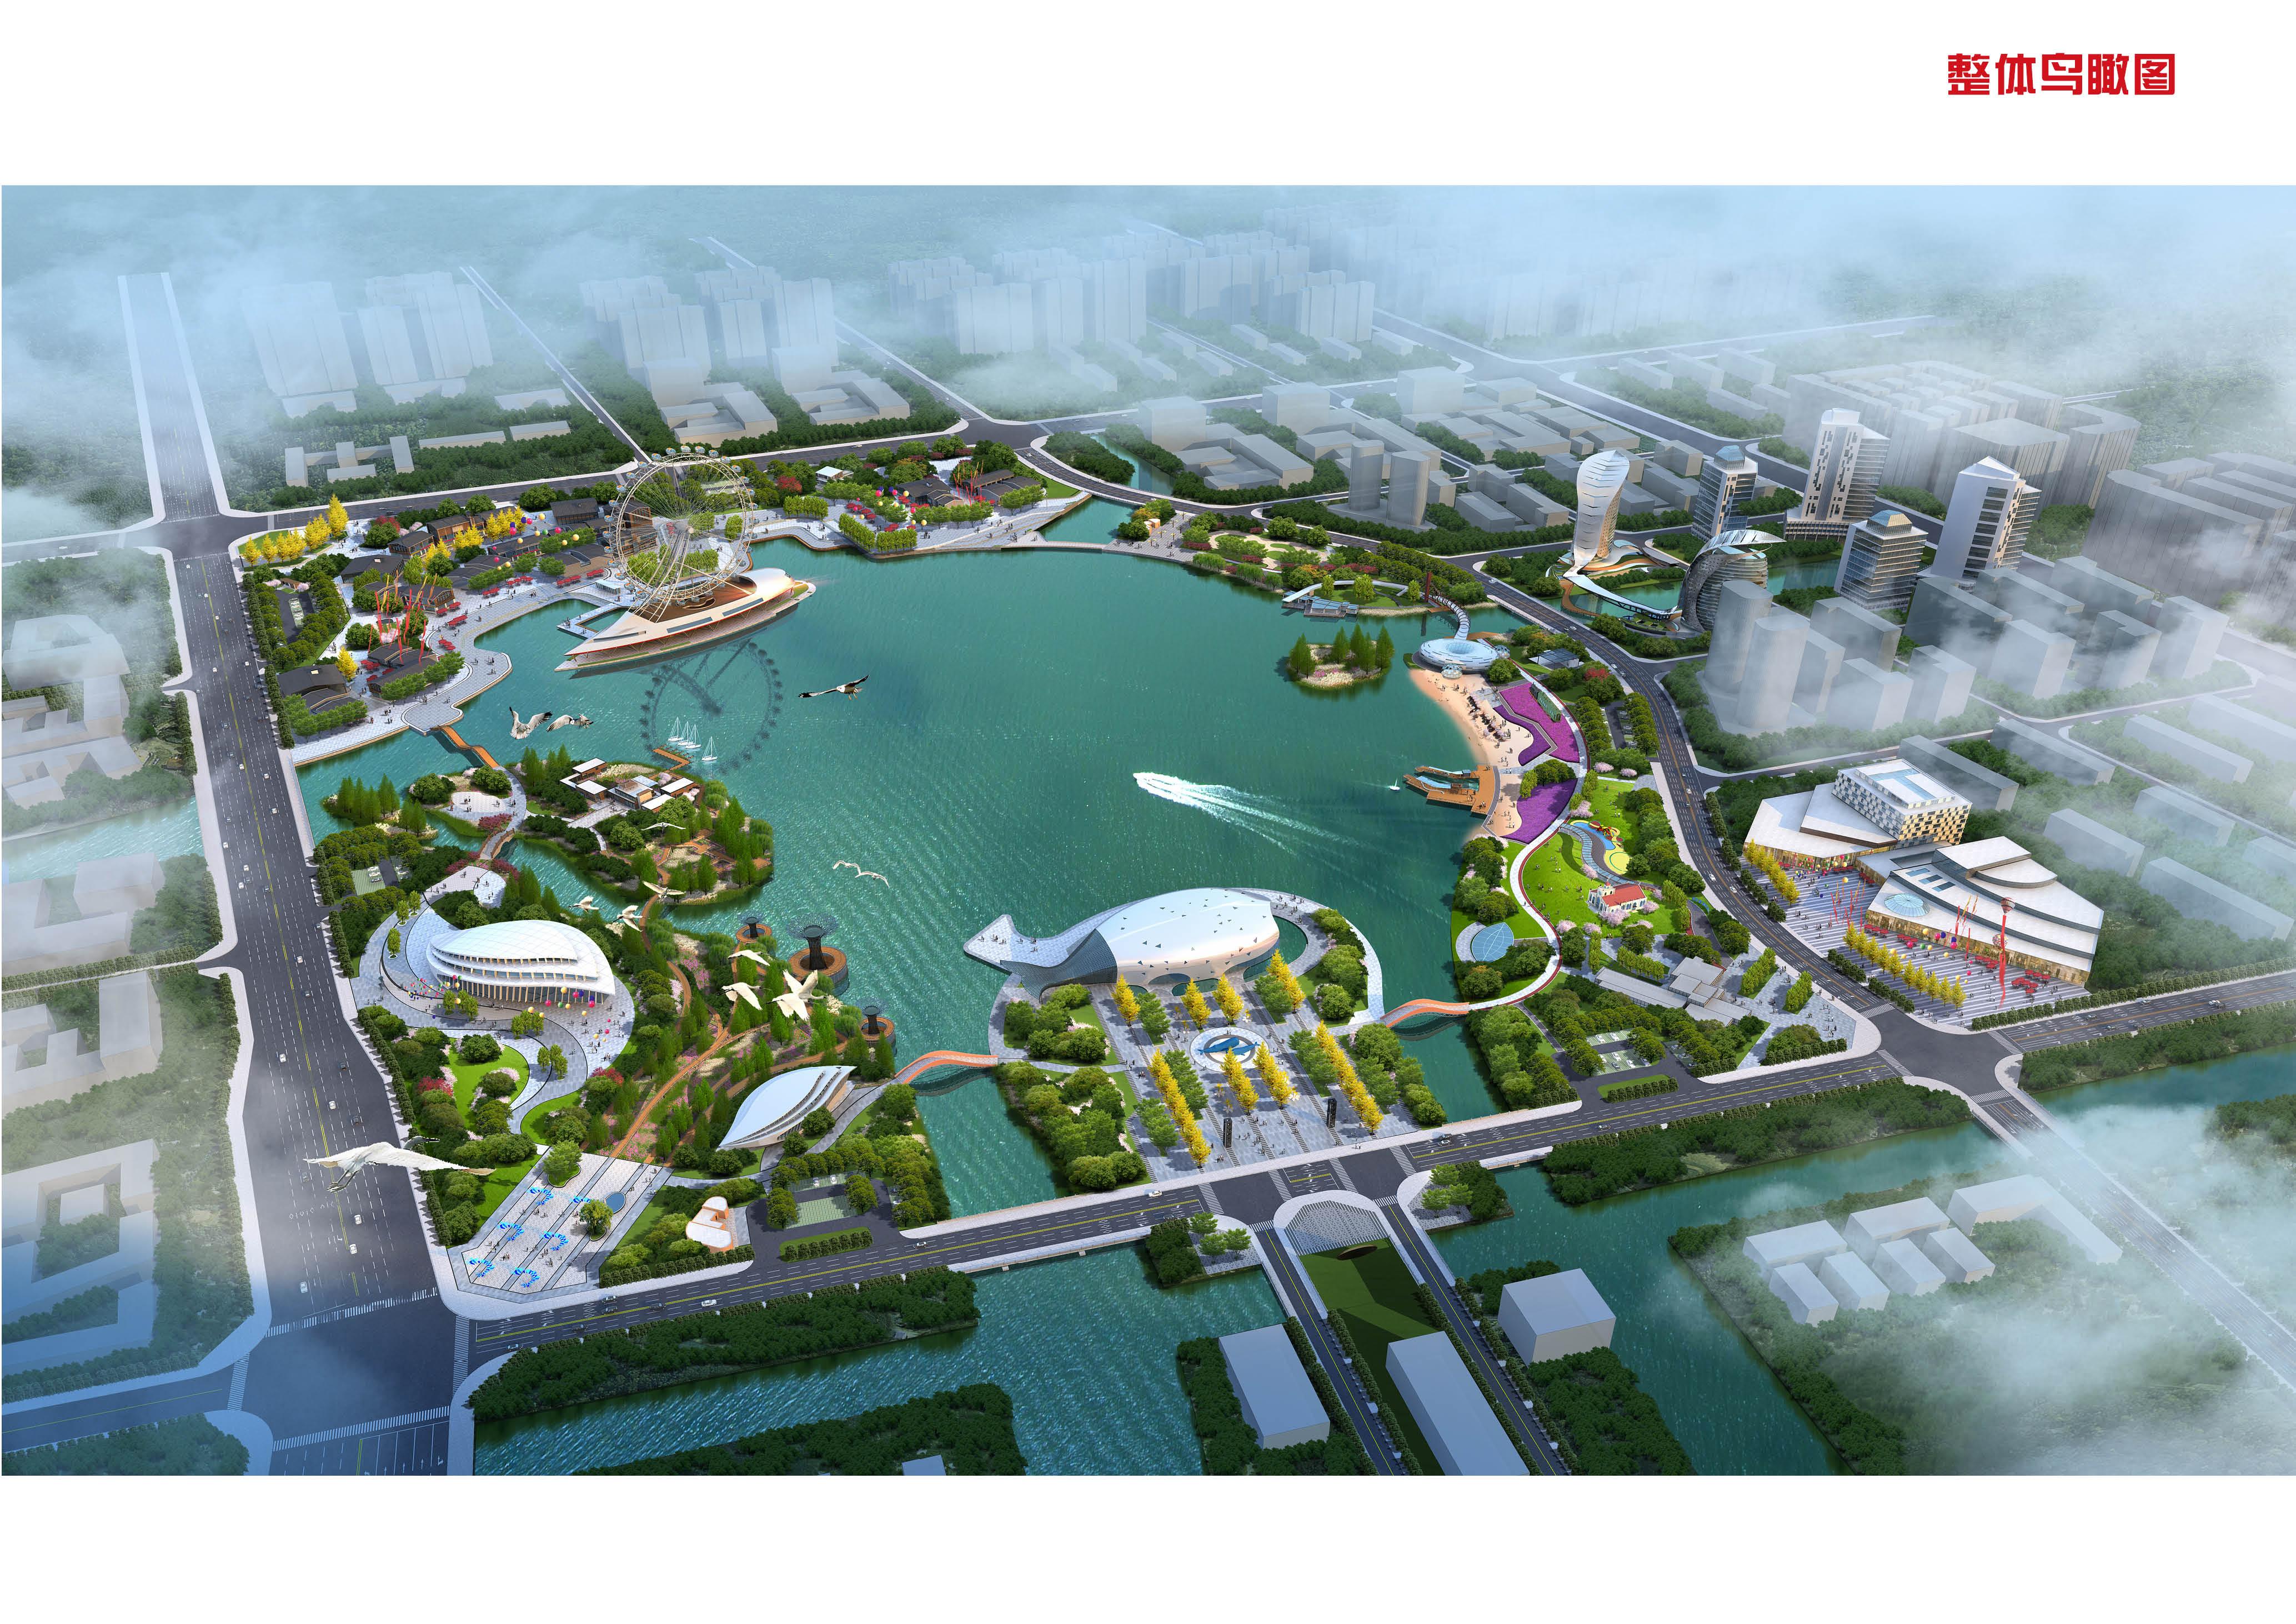 洋口港开发区海洋主题公园-洋口港开发区海洋主题公园景观设计43